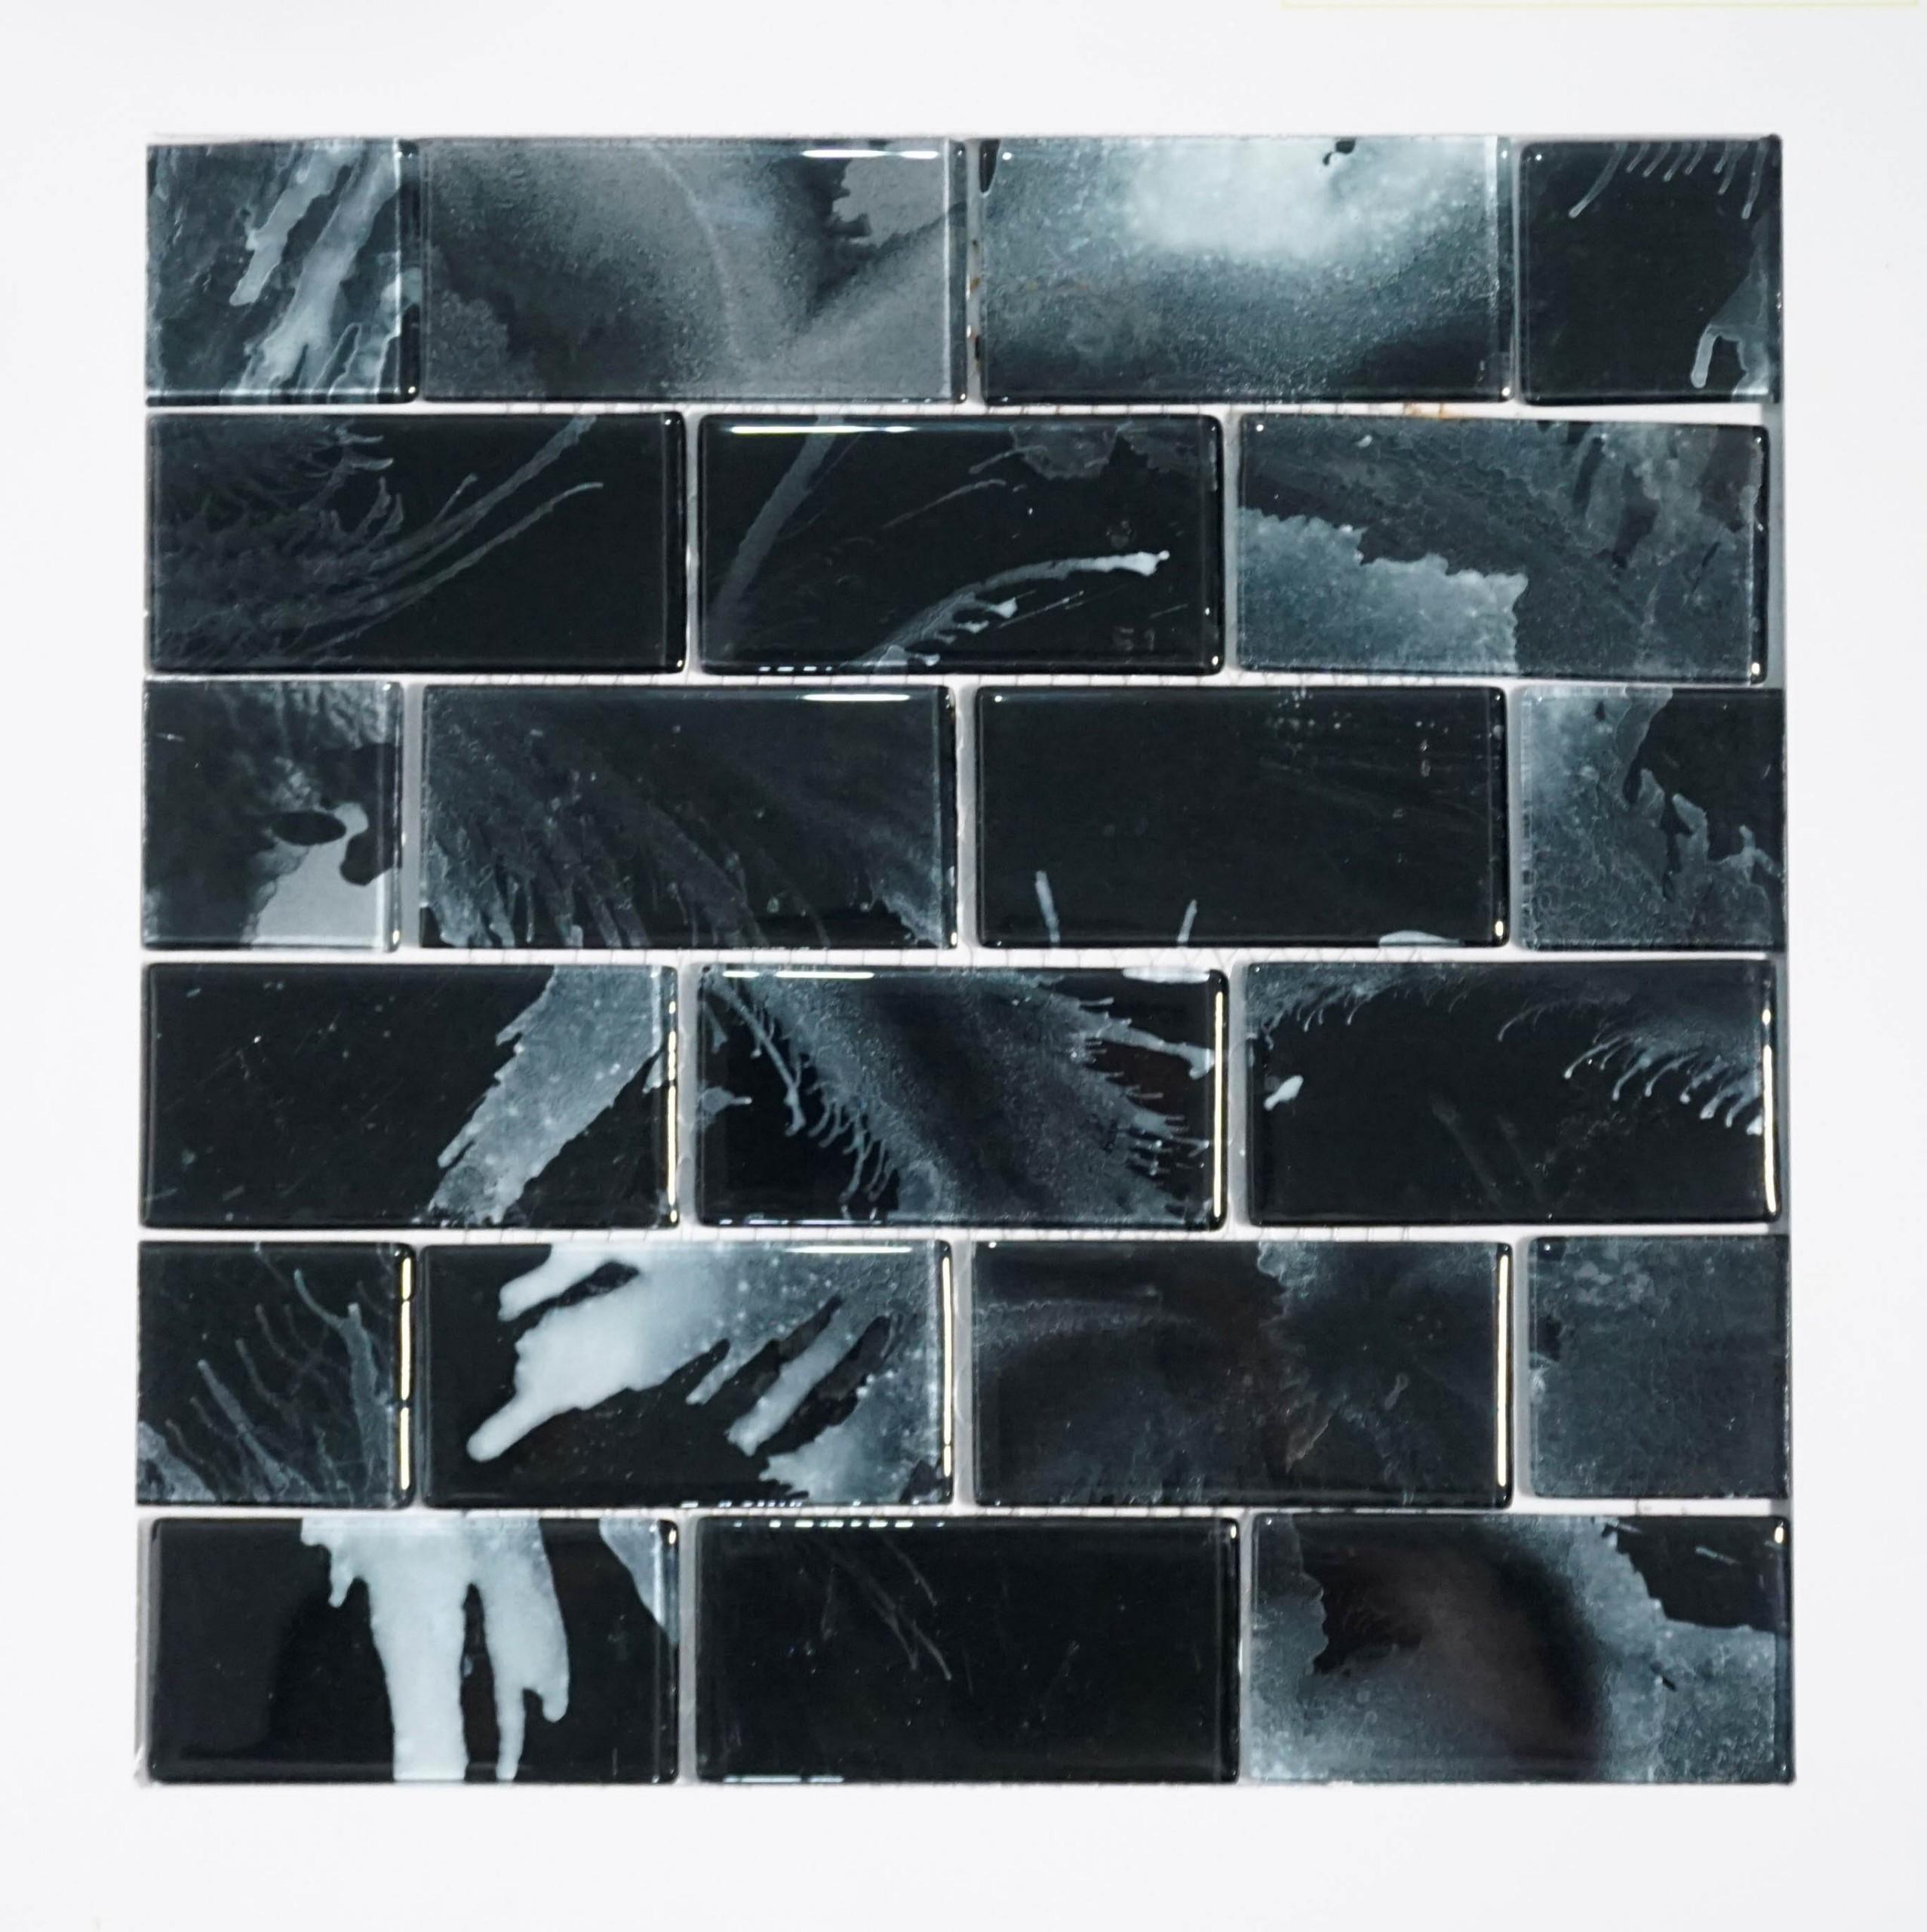 Gạch trang trí mosaic cao cấp BC-HVL07